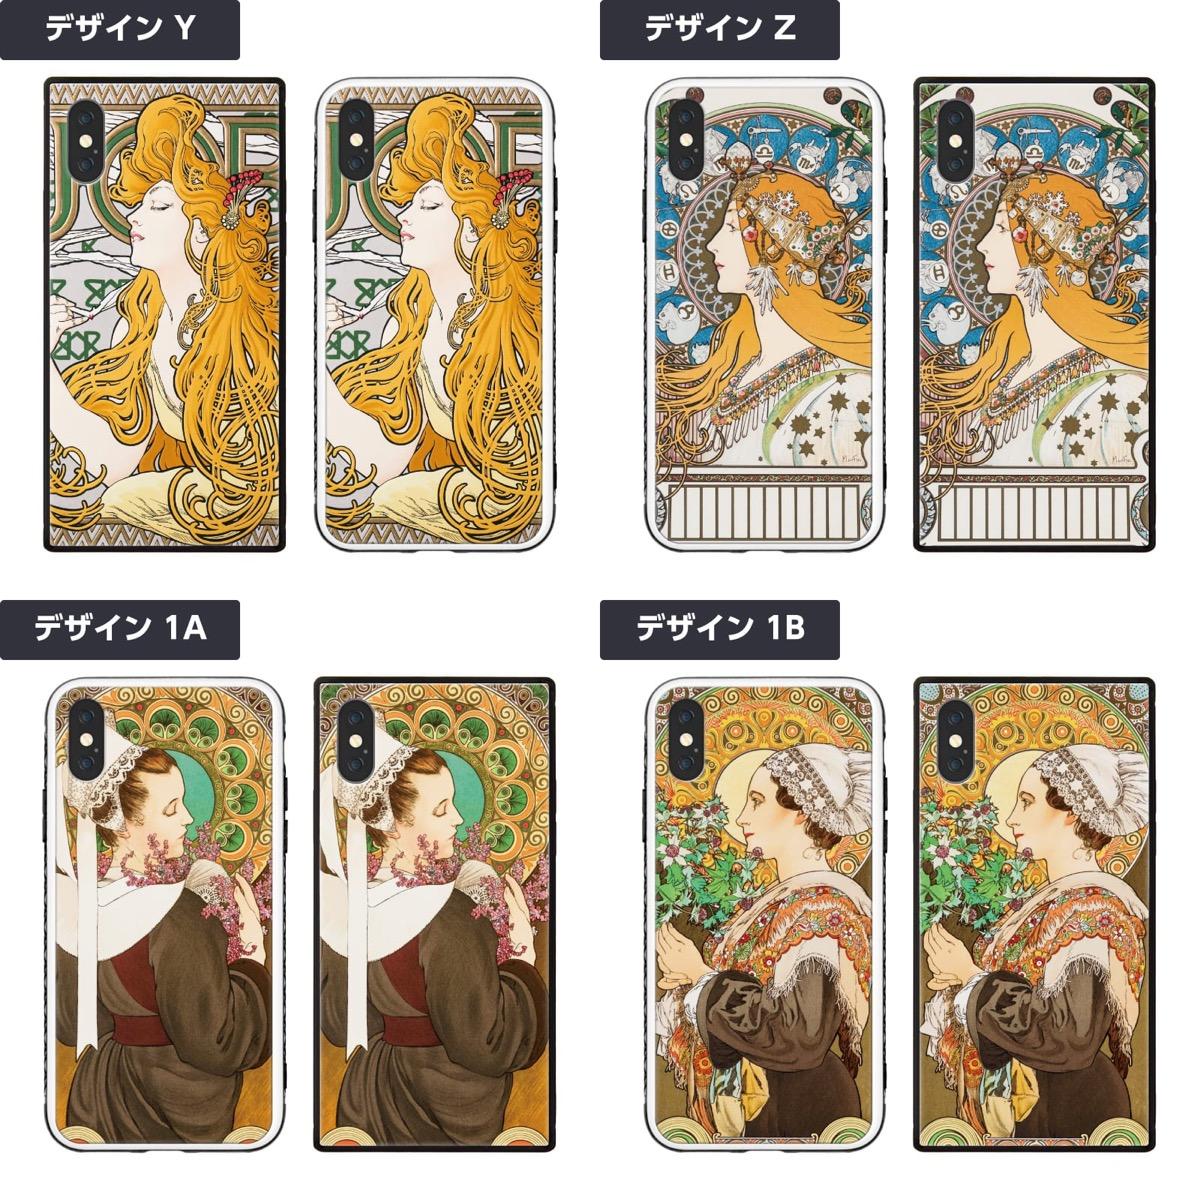 アルフォンスミュシャ四季アールヌーボー耐衝撃TPUiPhoneケーススクエア型四角強化ガラススマホケースiPhone8XRXSX6siPhoneiPhone7iPhone8iPhoneXRiPhoneXPlusおしゃれ可愛いペアルックペアカップルグッズ